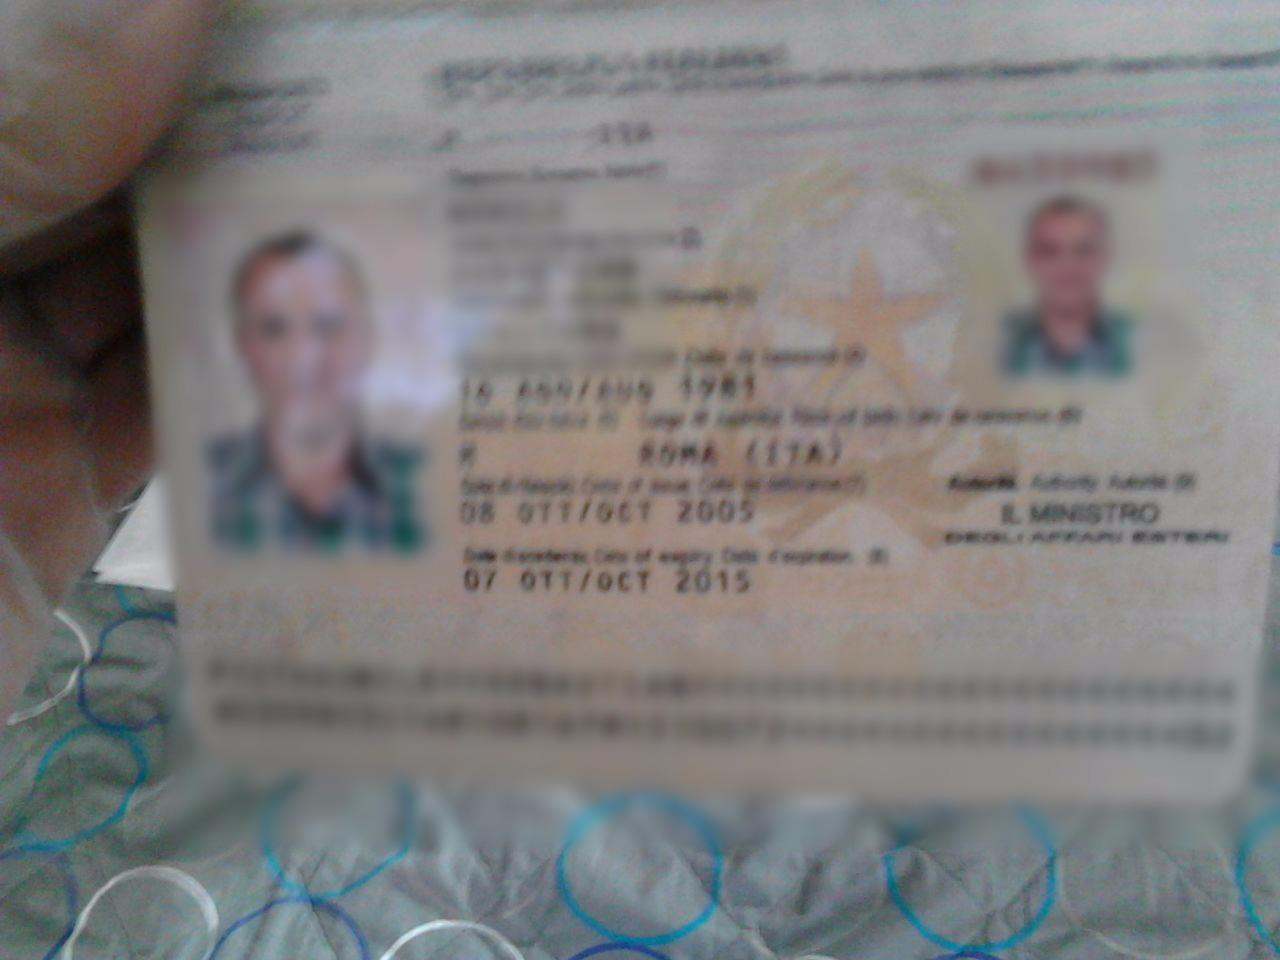 Uno de los pasaportes que decomisaron las autoridades (Crédito: Migración Colombia)